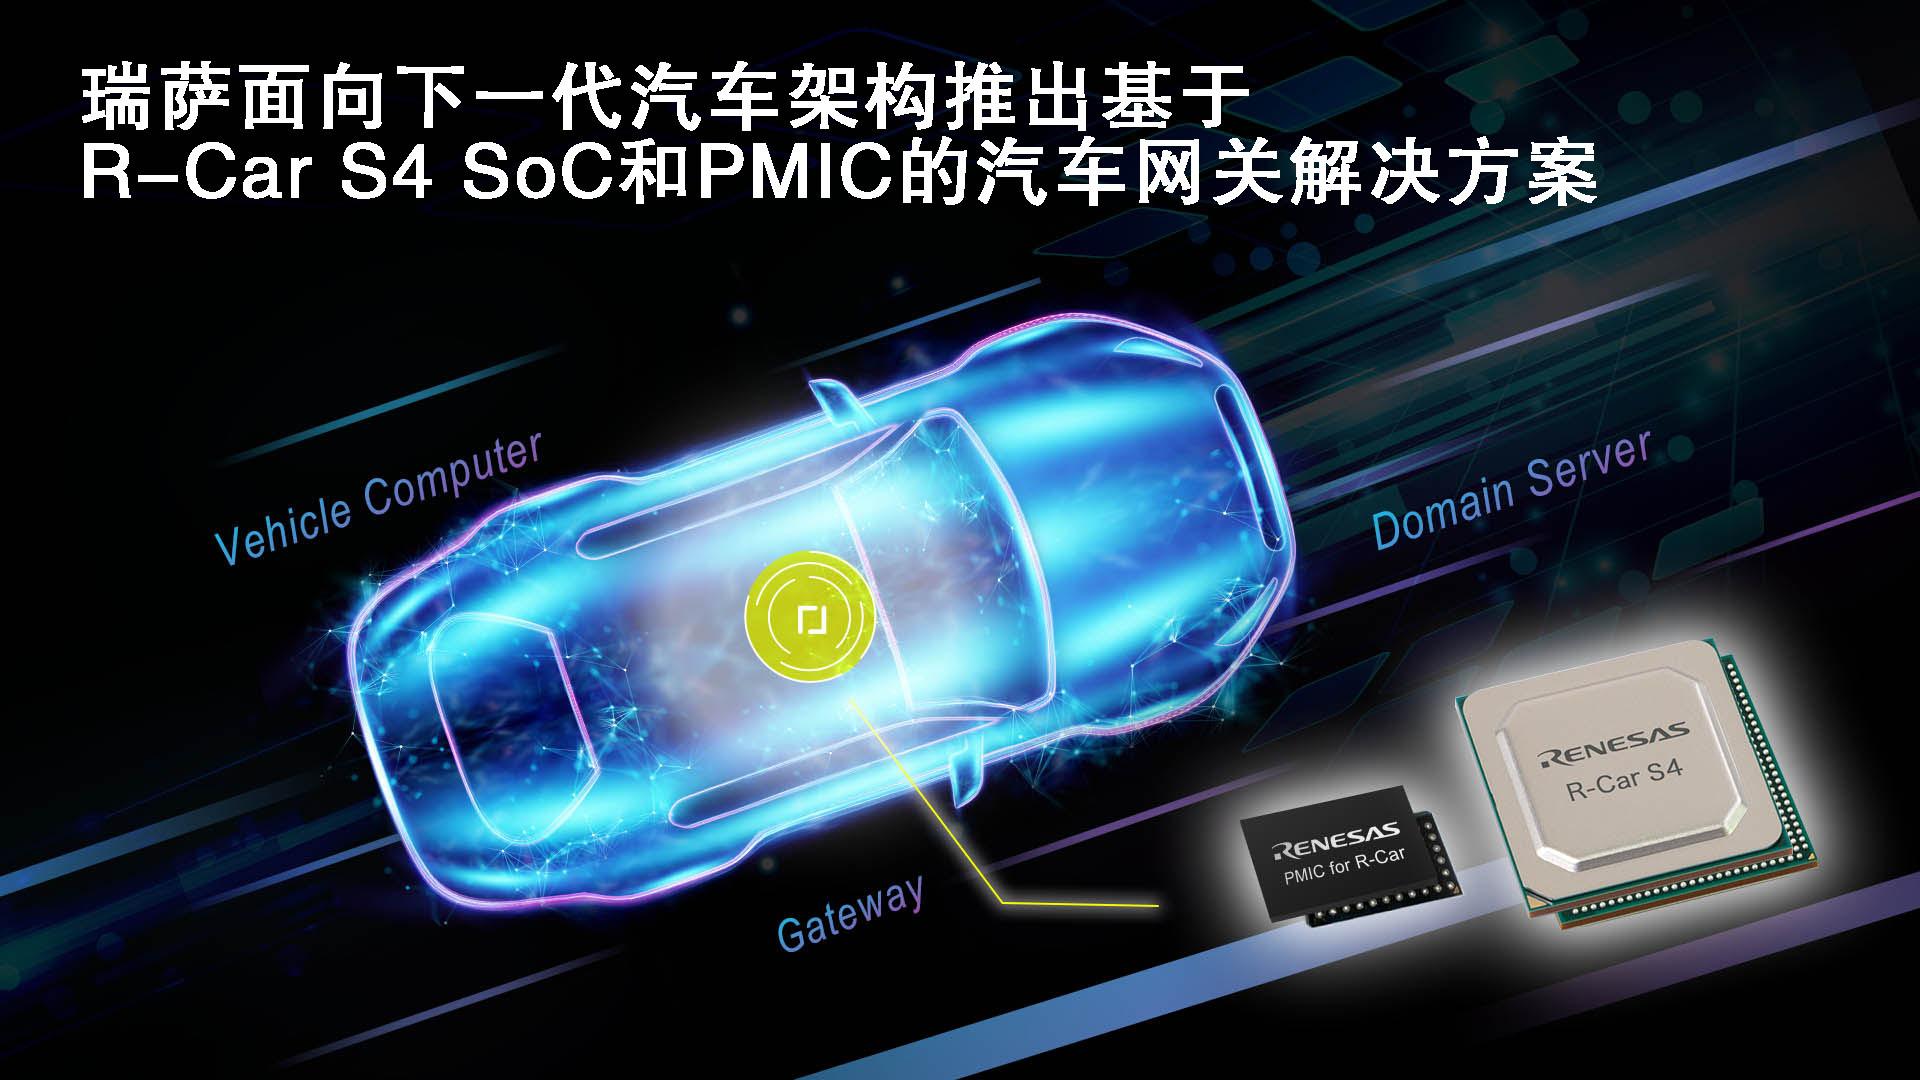 瑞萨电子宣布将全面支持面向未来汽车级和SoC的ISO/SAE 21434标准